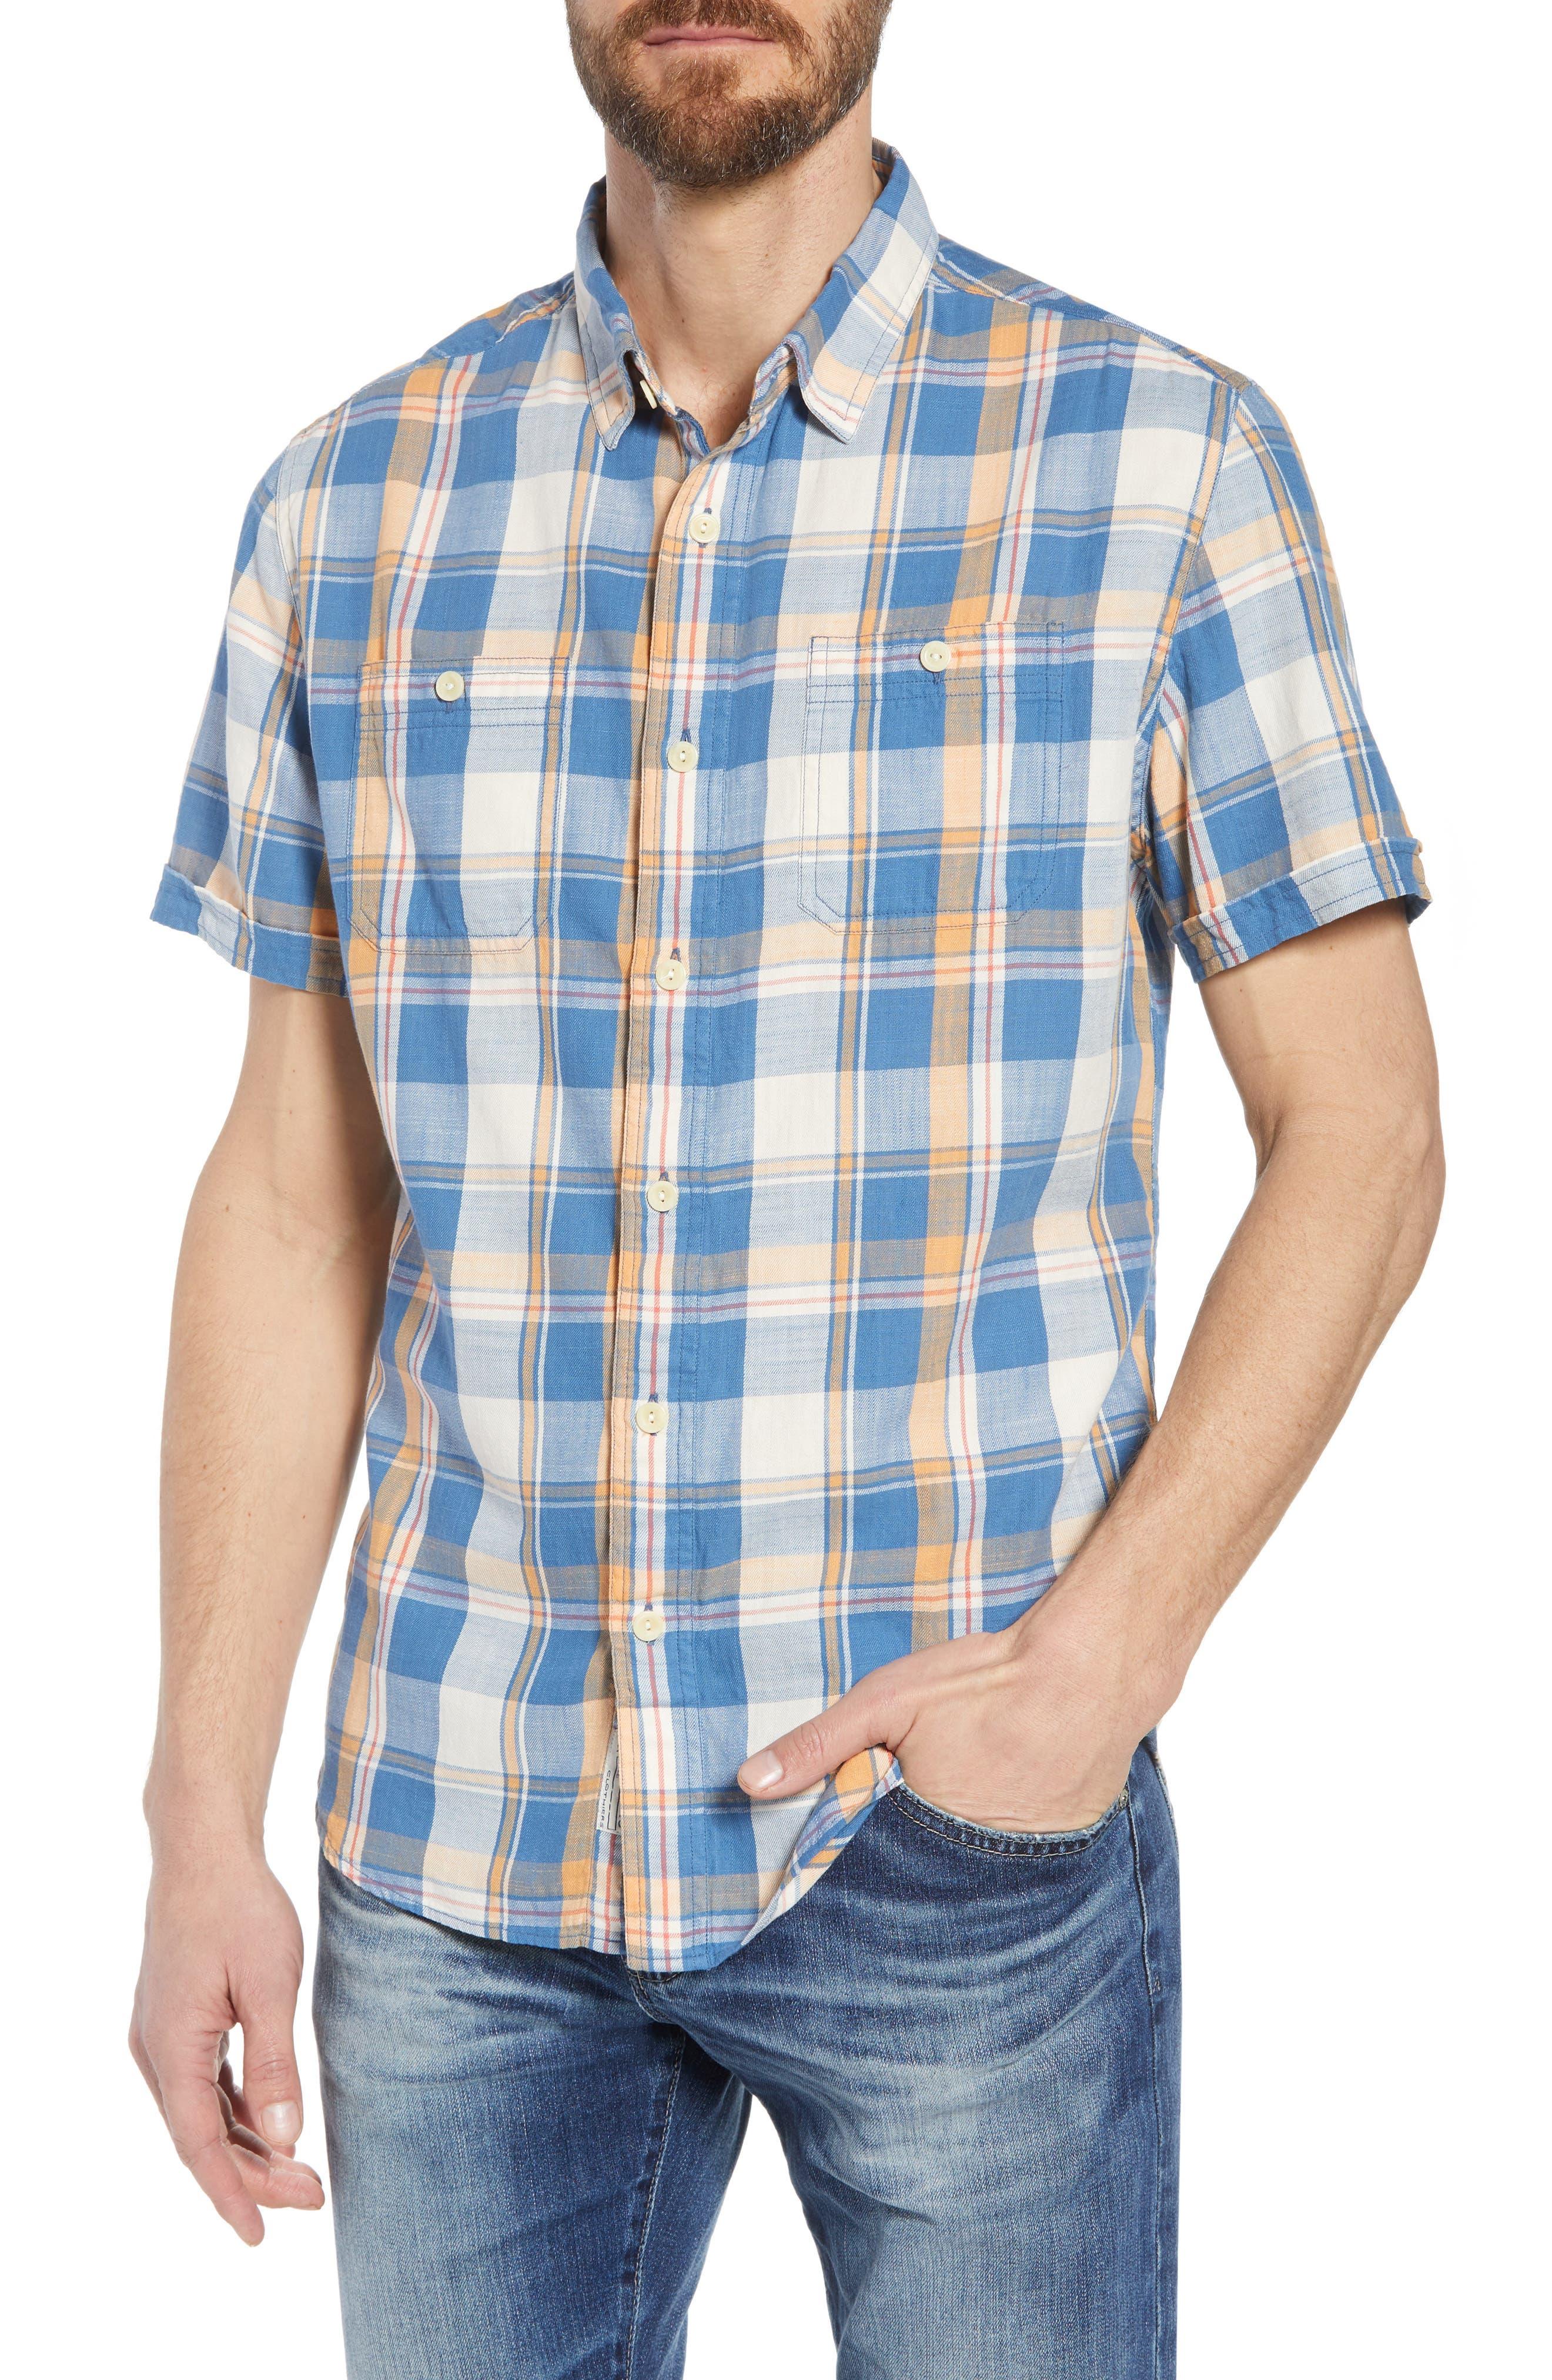 Sherman Plaid Slub Twill Sport Shirt,                         Main,                         color, Blue Mustard Red